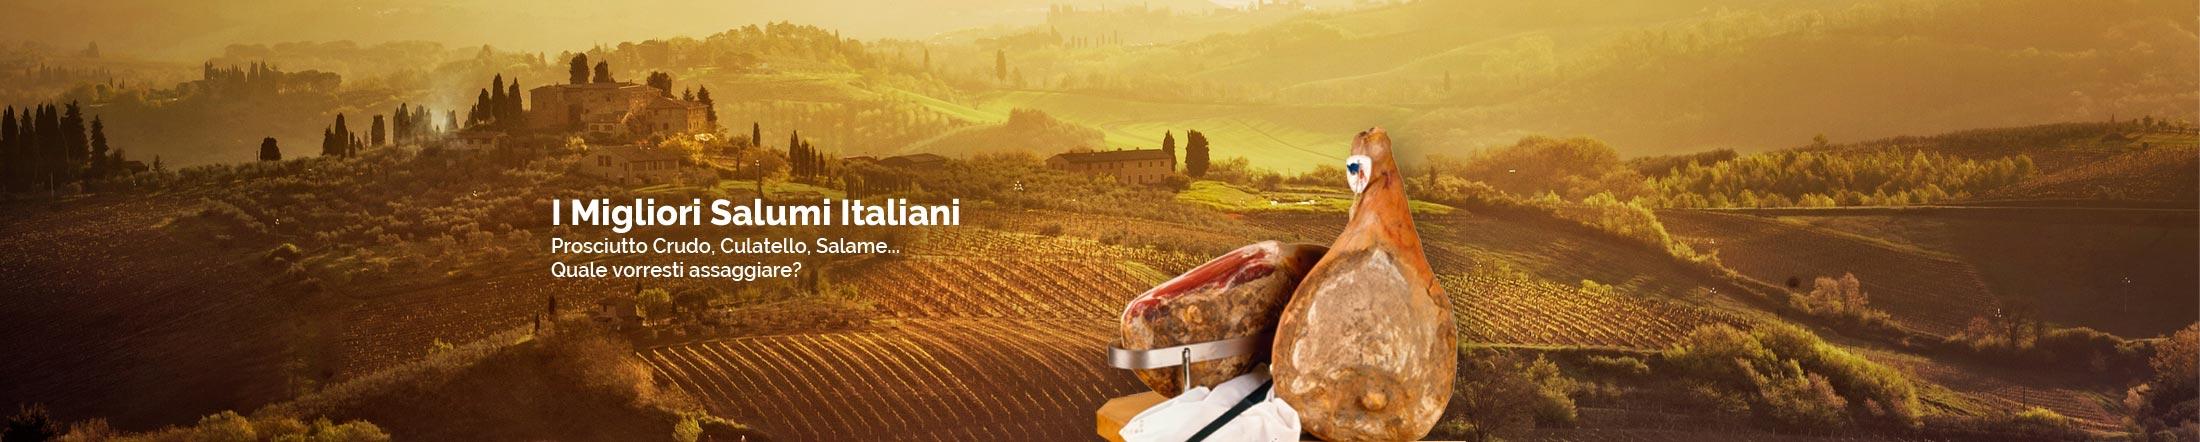 Migliori Salumi Italiani